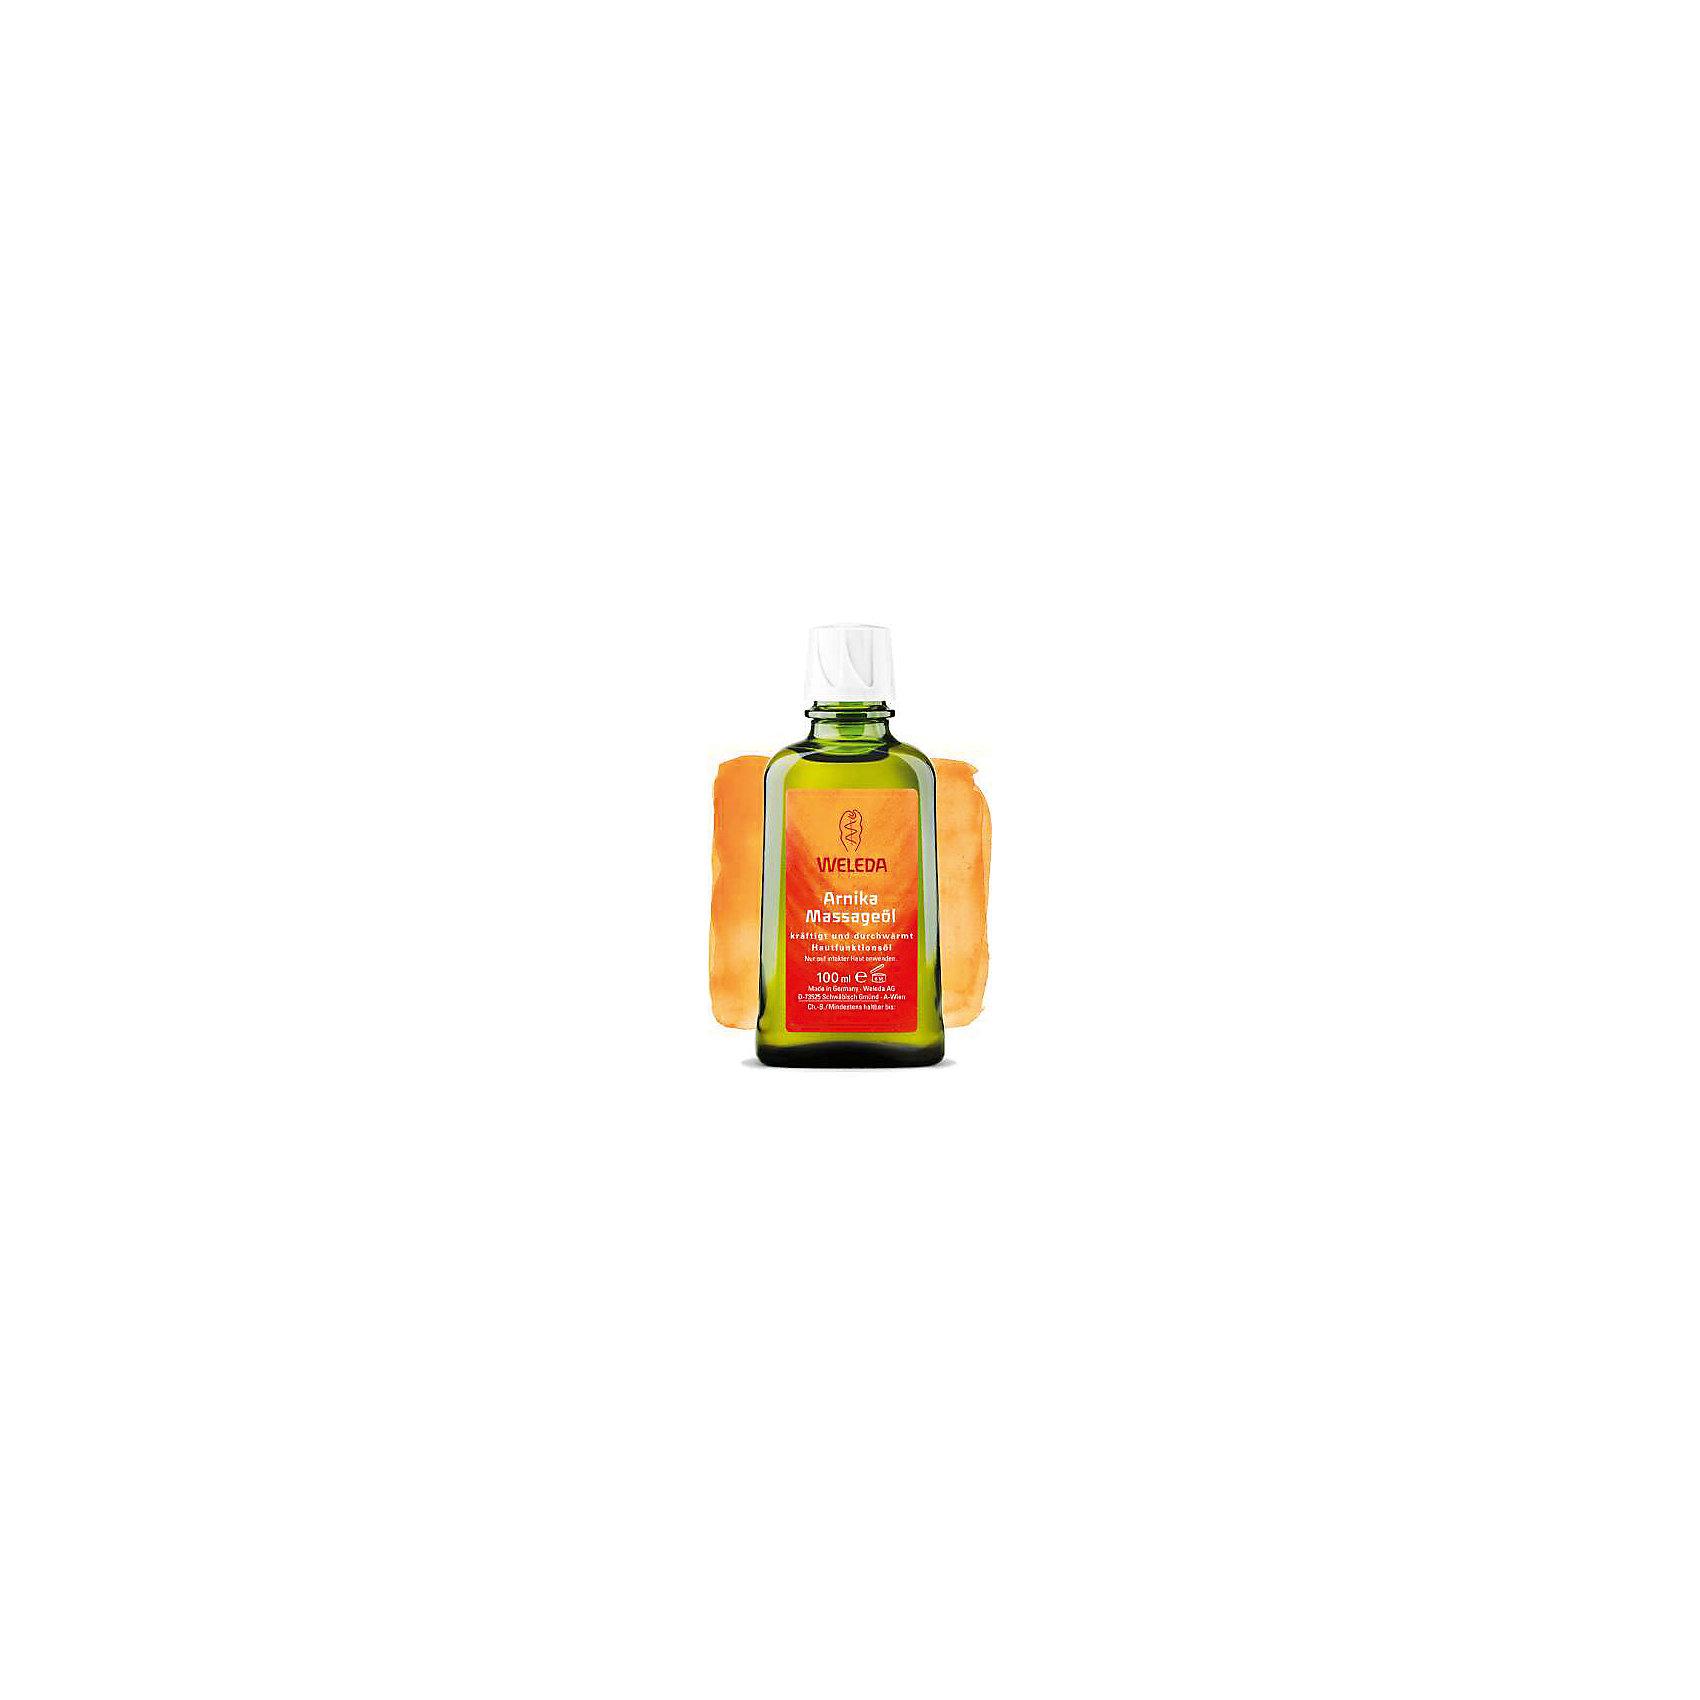 Масло массажное с арникой 100мл, WeledaМасло, лосьон<br>Масло массажное с арникой 100мл, Weleda<br><br>Характеристики:<br><br>• объём: 100 мл.<br>• особенности: подготавливает к физ. нагрузкам, питает и увлажняет кожу<br>• состав: оливковое масло, масло семян подсолнечника, экстракты арники, листьев березы, ароматическая композиция из натуральных эфирных масел.<br>• для детей и родителей<br>• страна производитель: Германия<br><br>Более 75 лет швейцарская компания натуральной косметики Weleda (Веледа) заботится о малышах, будущих мамах и природе. Масло с арникой – это один из самых старых продуктов компании, который производится с 1923 года и радует покупателей своими уникальными свойствами. <br><br>Специальное масло для массажа помогает подготовить мышцы и кожу к физическим нагрузкам, оно надежно зарекомендовало себя у профессиональных спортсменов и физиотерапевтов. Разогревающие свойства масла предотвращают появление судорог и спазмов во время упражнений, восстанавливают двигательные функции после травм и при заболеваниях опорно-двигательной системы. <br><br>Природные компоненты состава масла не провоцируют аллергию, его формула проверена дерматологами и не провоцирует раздражения. Специальный флакон из непрозрачного стекла сохраняет свойства масла, а углубления на флаконе предотвращают выскальзывание из рук. Флакон оснащен практичным дозатором. Ощутите бережную заботу с маслом от Weleda (Веледа)!<br><br>Масло массажное с арникой 100мл, Weleda можно купить в нашем интернет-магазине.<br><br>Ширина мм: 250<br>Глубина мм: 100<br>Высота мм: 250<br>Вес г: 100<br>Возраст от месяцев: 216<br>Возраст до месяцев: 1188<br>Пол: Унисекс<br>Возраст: Детский<br>SKU: 5414512